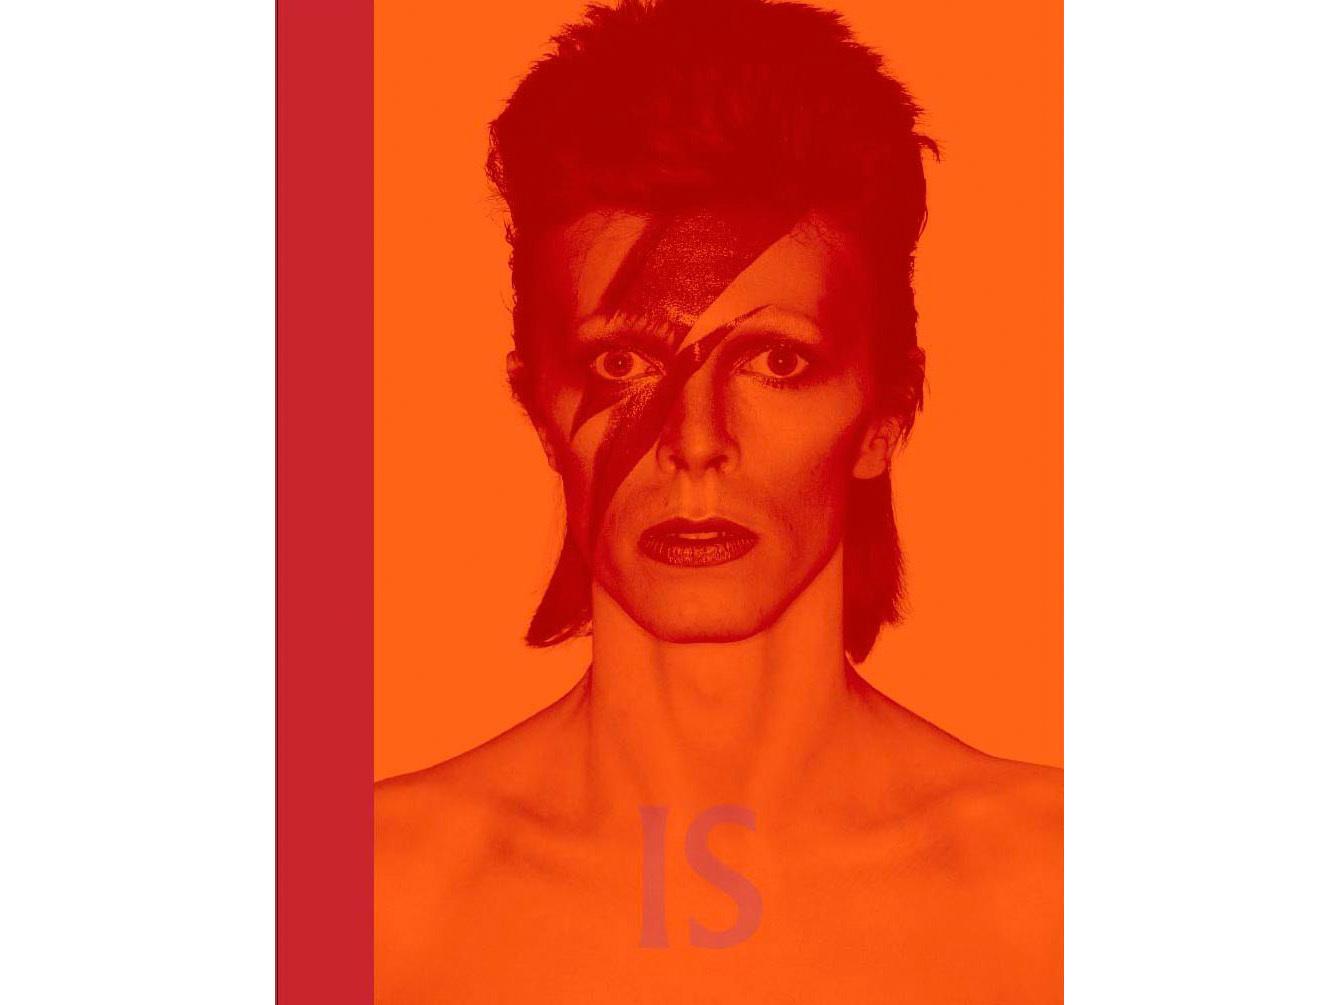 <David Bowie is Inside>